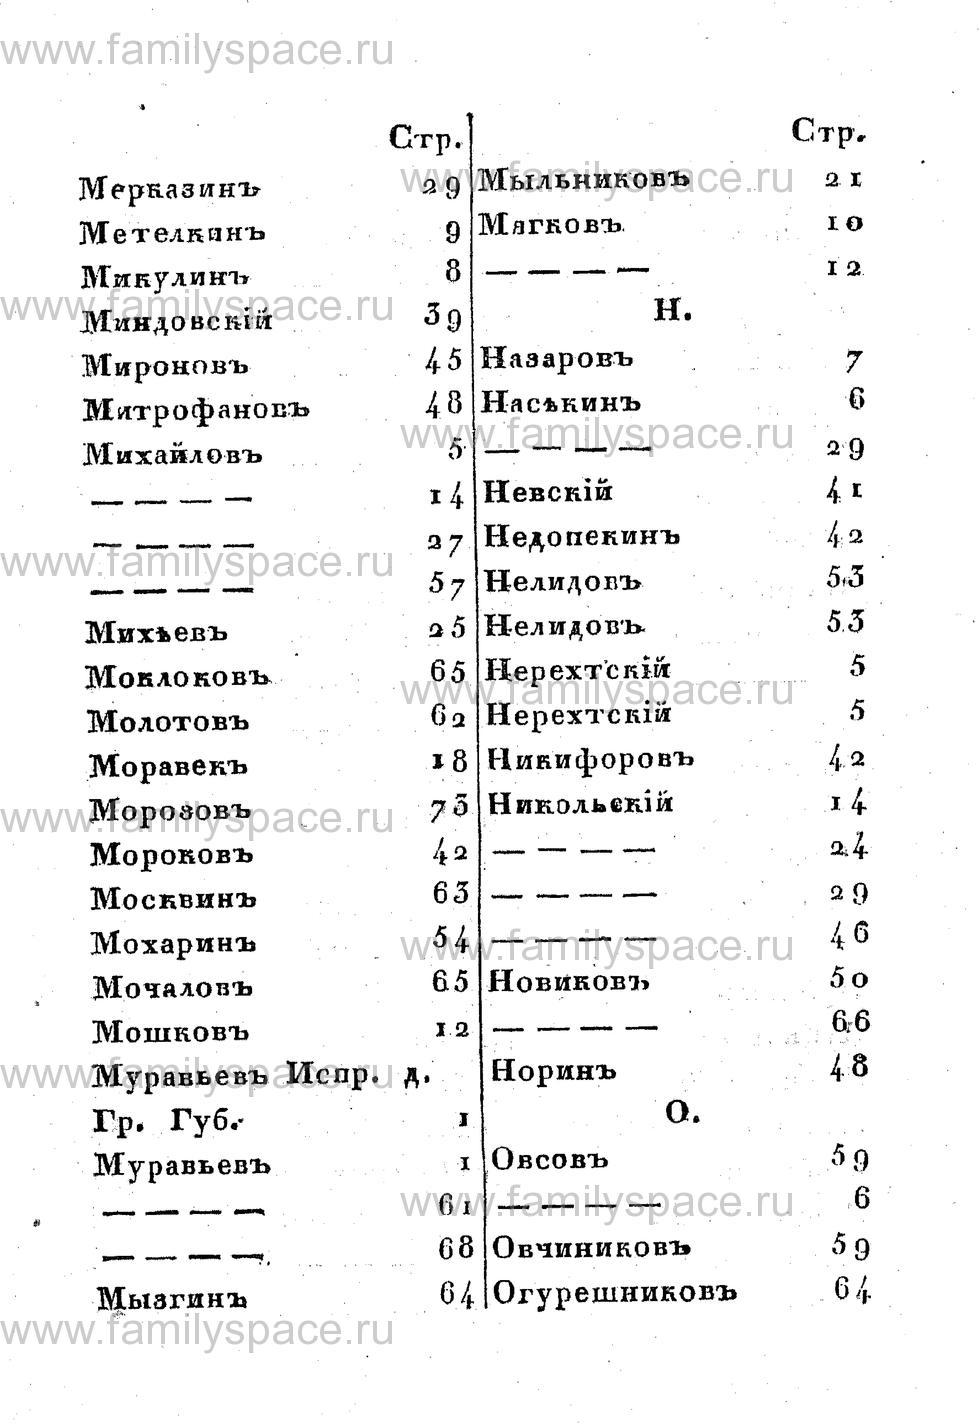 Поиск по фамилии - Памятная книжка Костромской губернии на 1853 год, страница 119